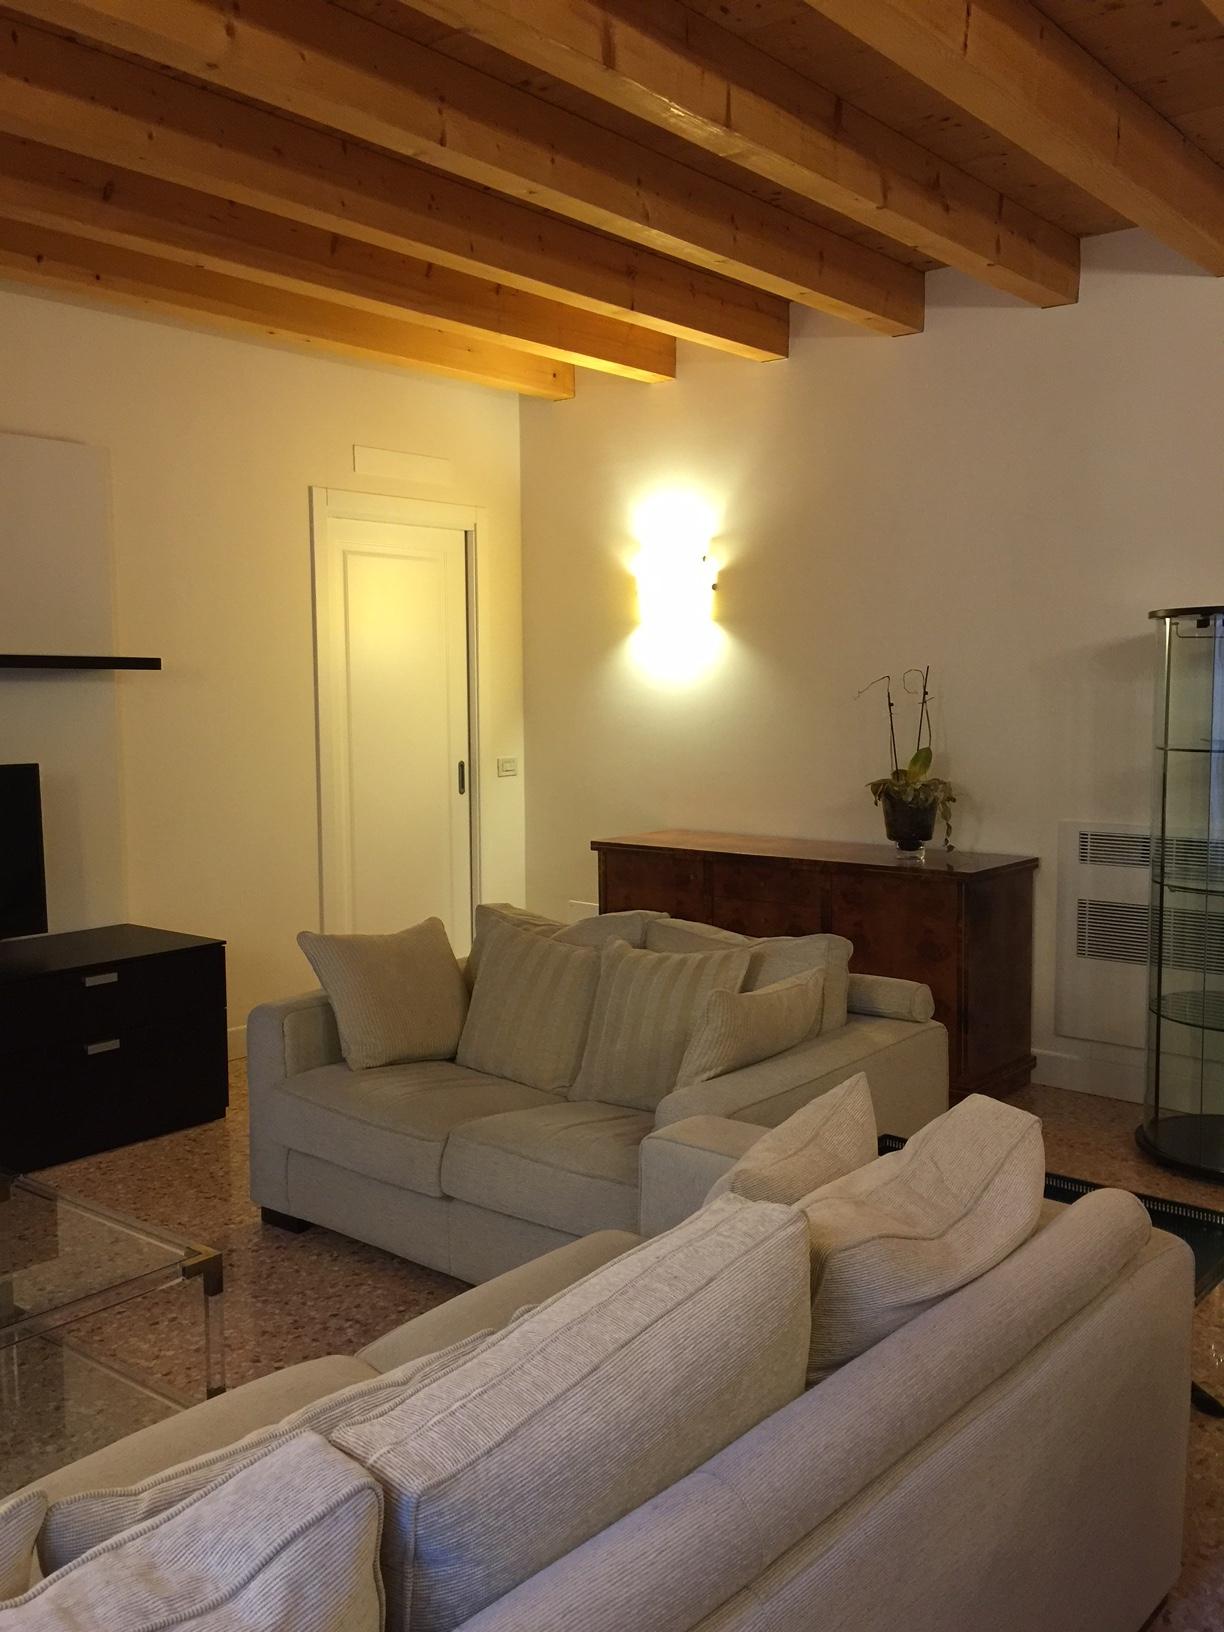 Appartamento in affitto a Treviso, 6 locali, zona Località: Centrostorico, prezzo € 2.700 | Cambio Casa.it